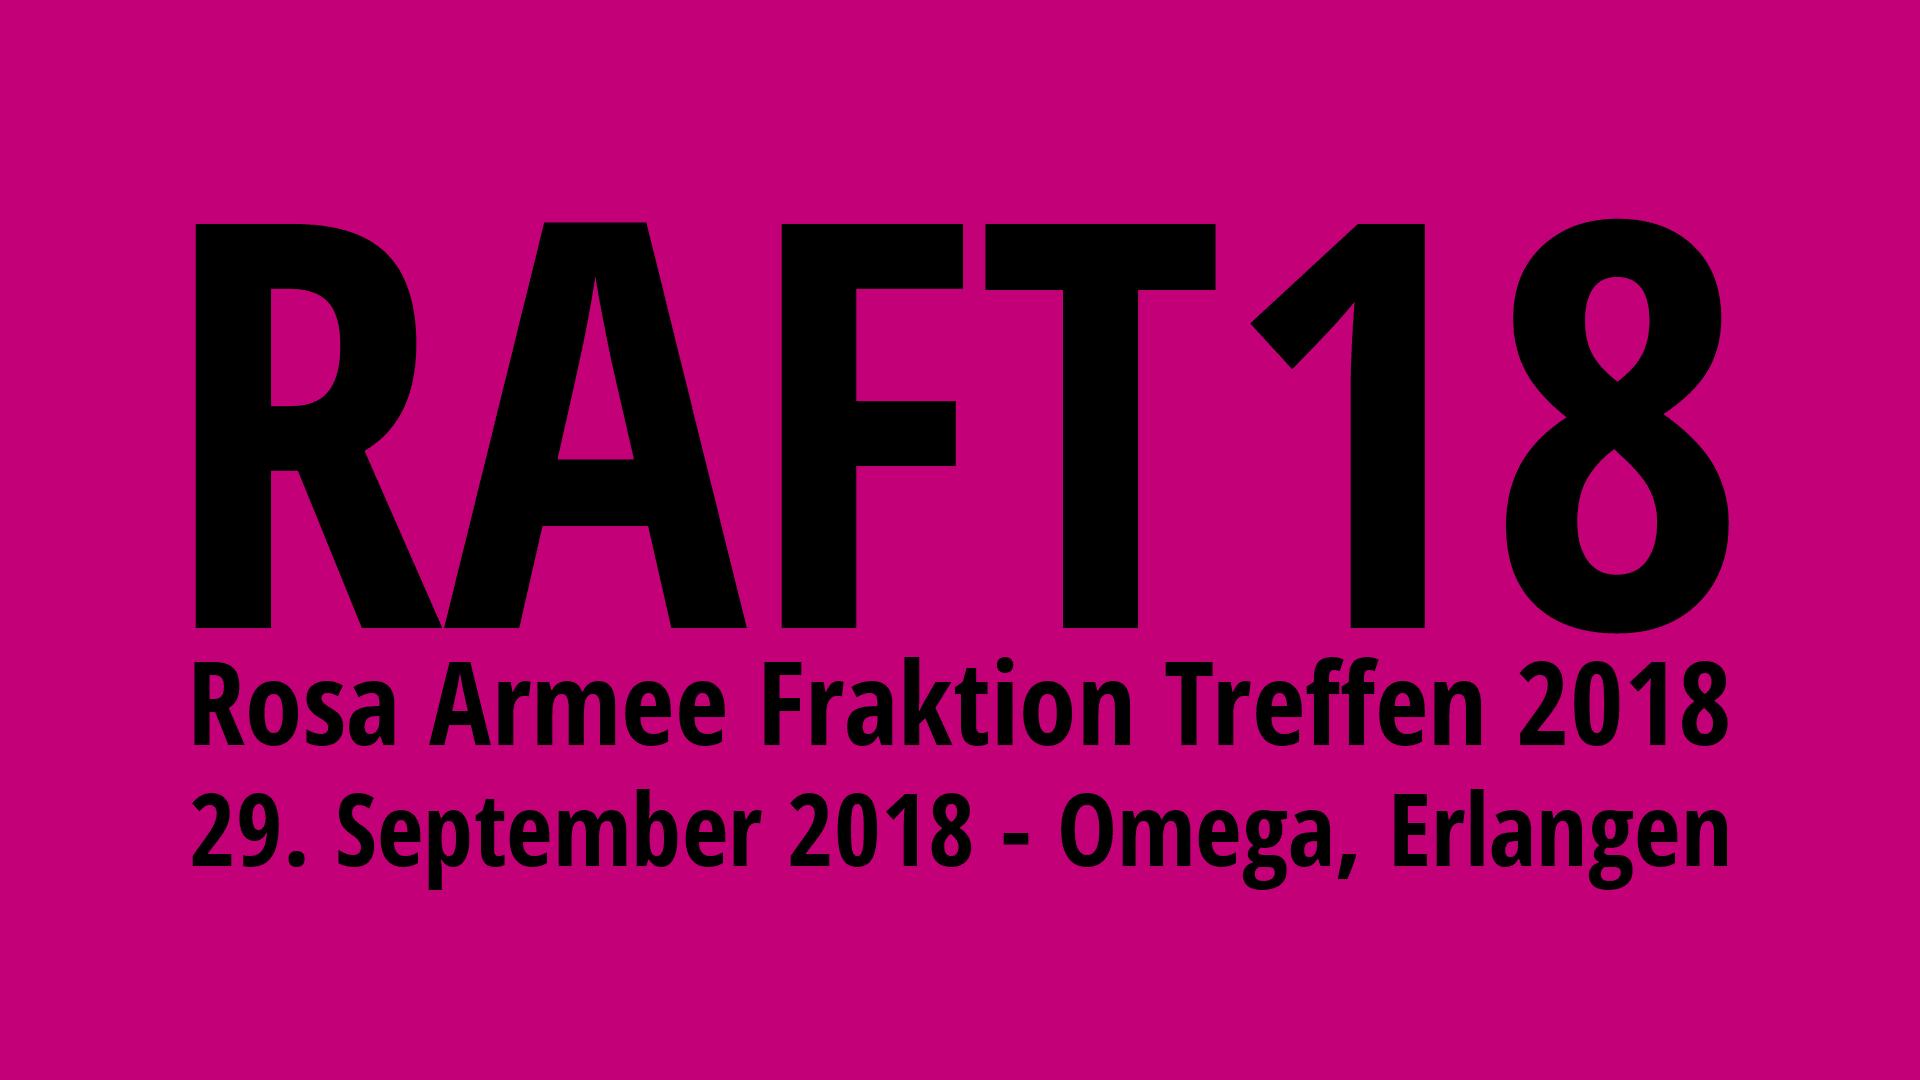 Rosa Armee Fraktion Treffen 2018: 29.09.2018 in Erlangen